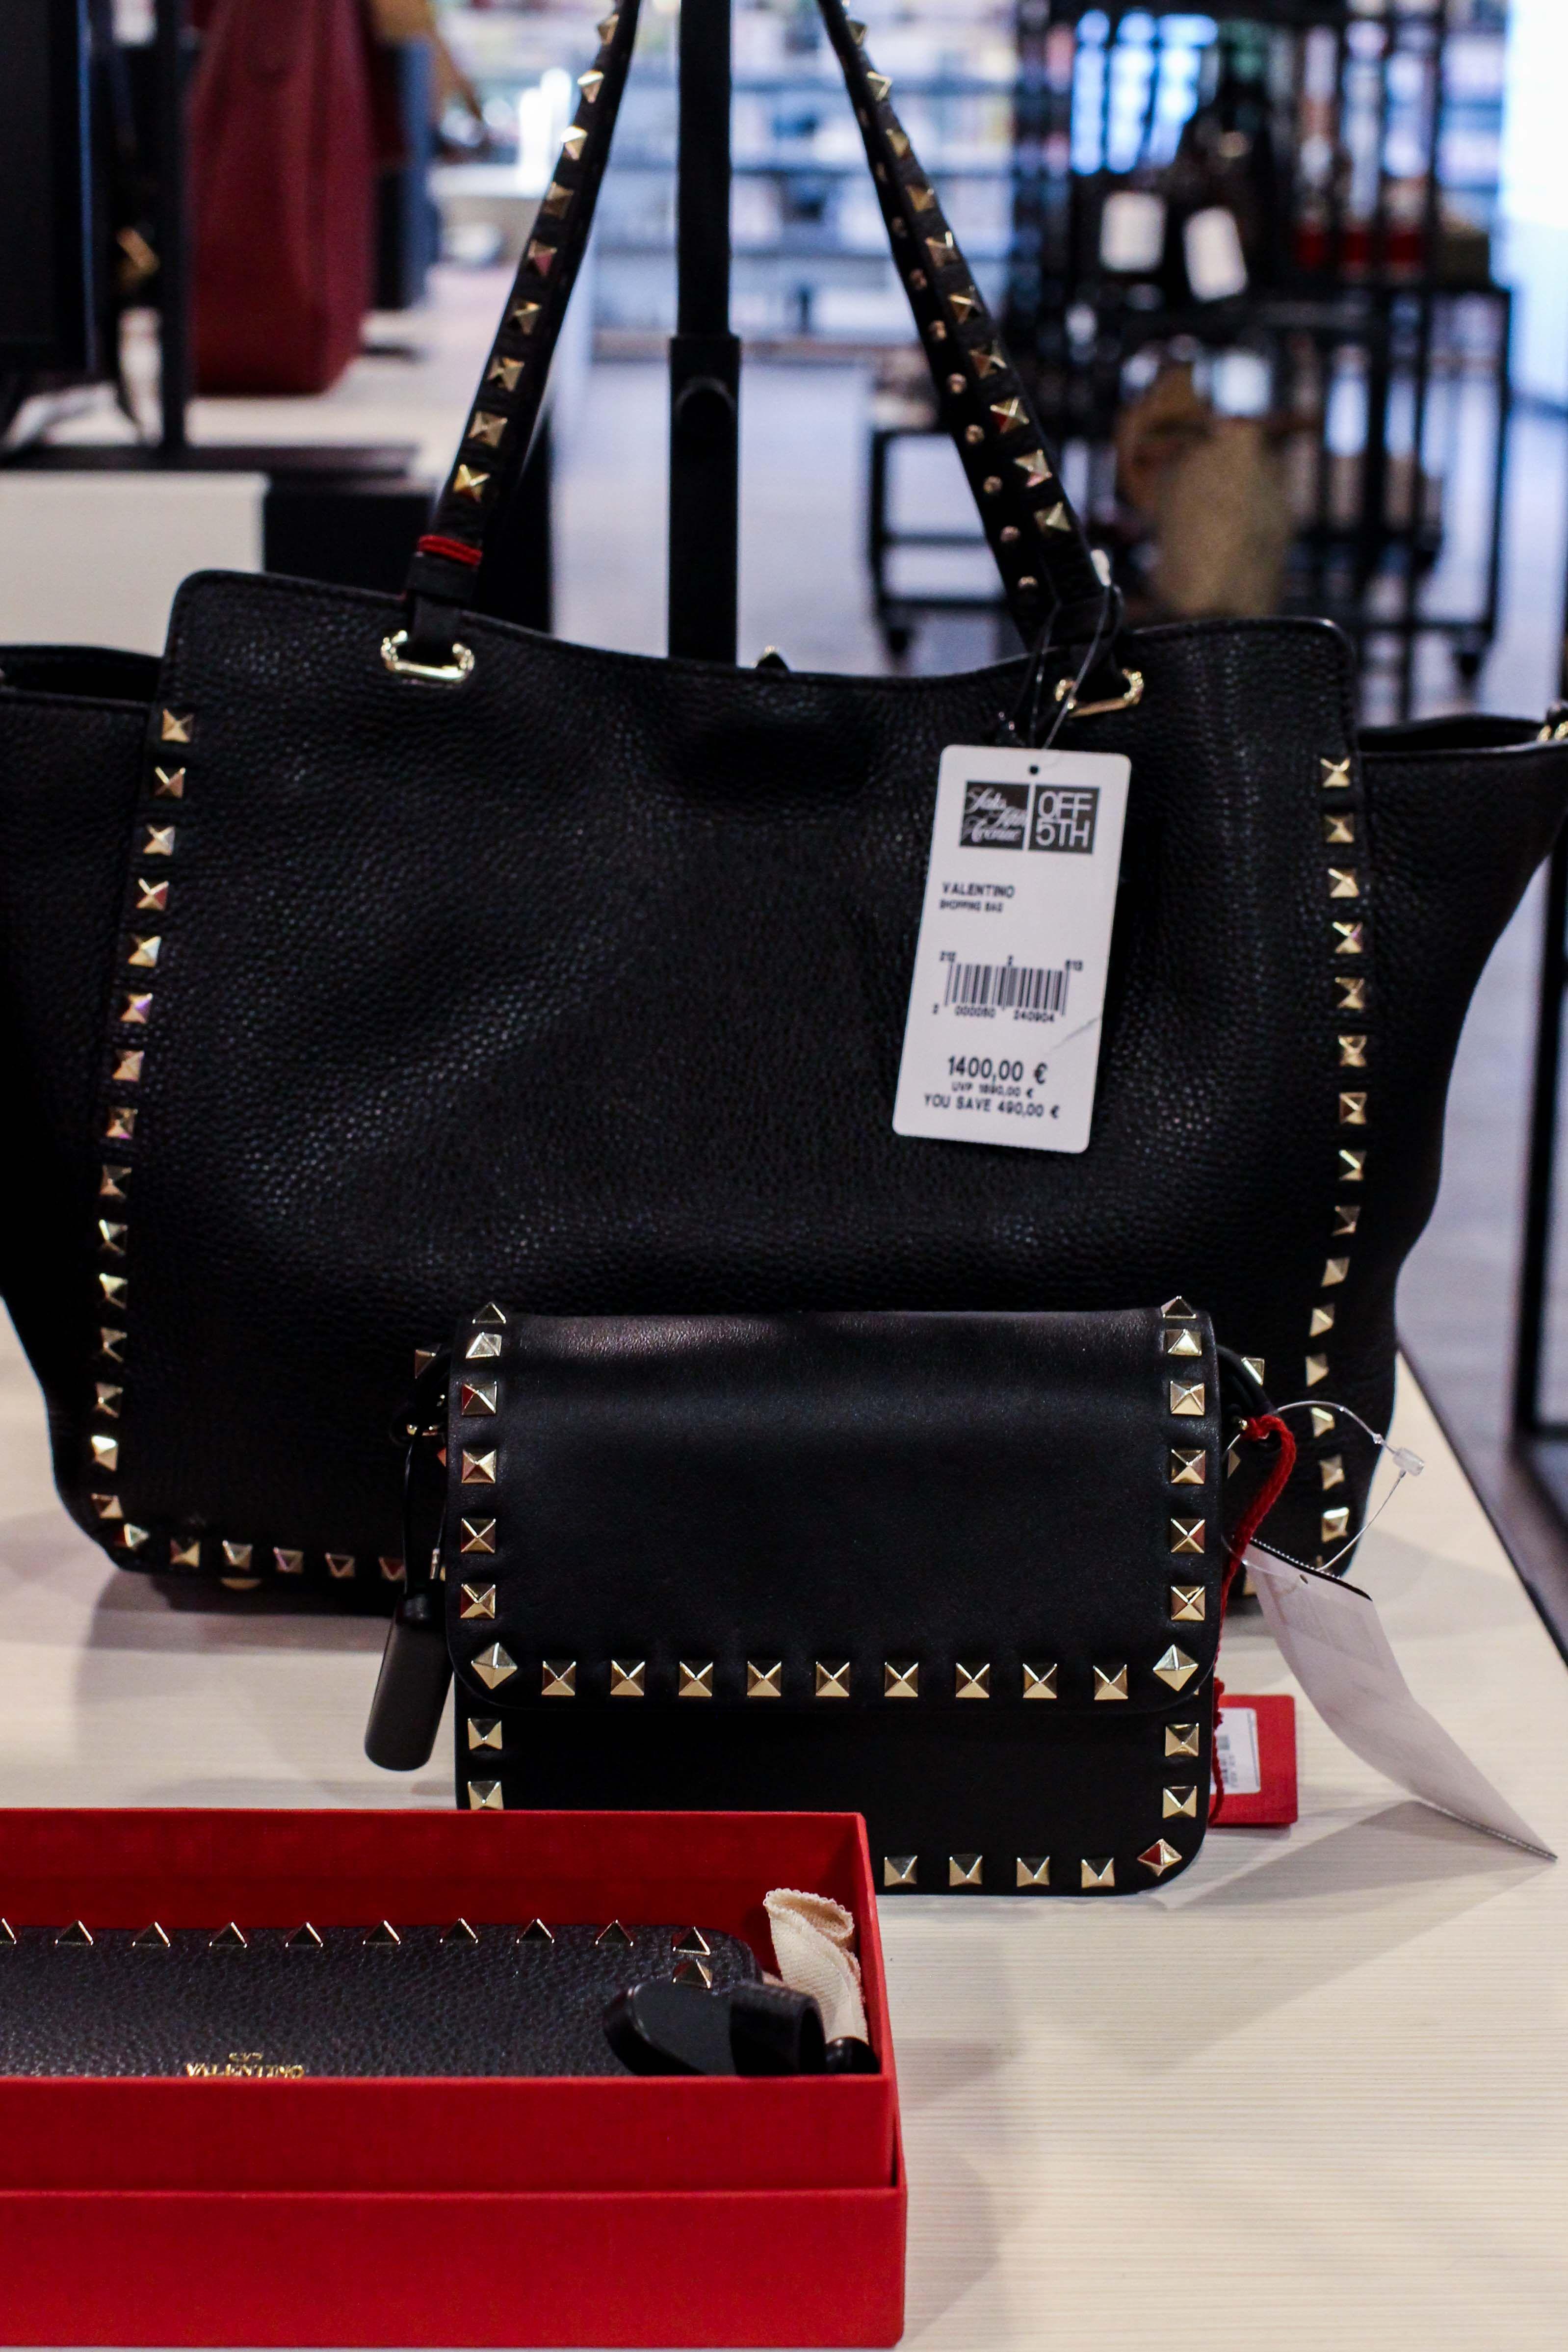 aab1da76df30b Valentino Tasche Schwarz nieten günstig Store Opening Saks OFF 5th Avenue  Bonn Premium-Marken Outletpreis Designer Outlet Bonn Modeblog bag